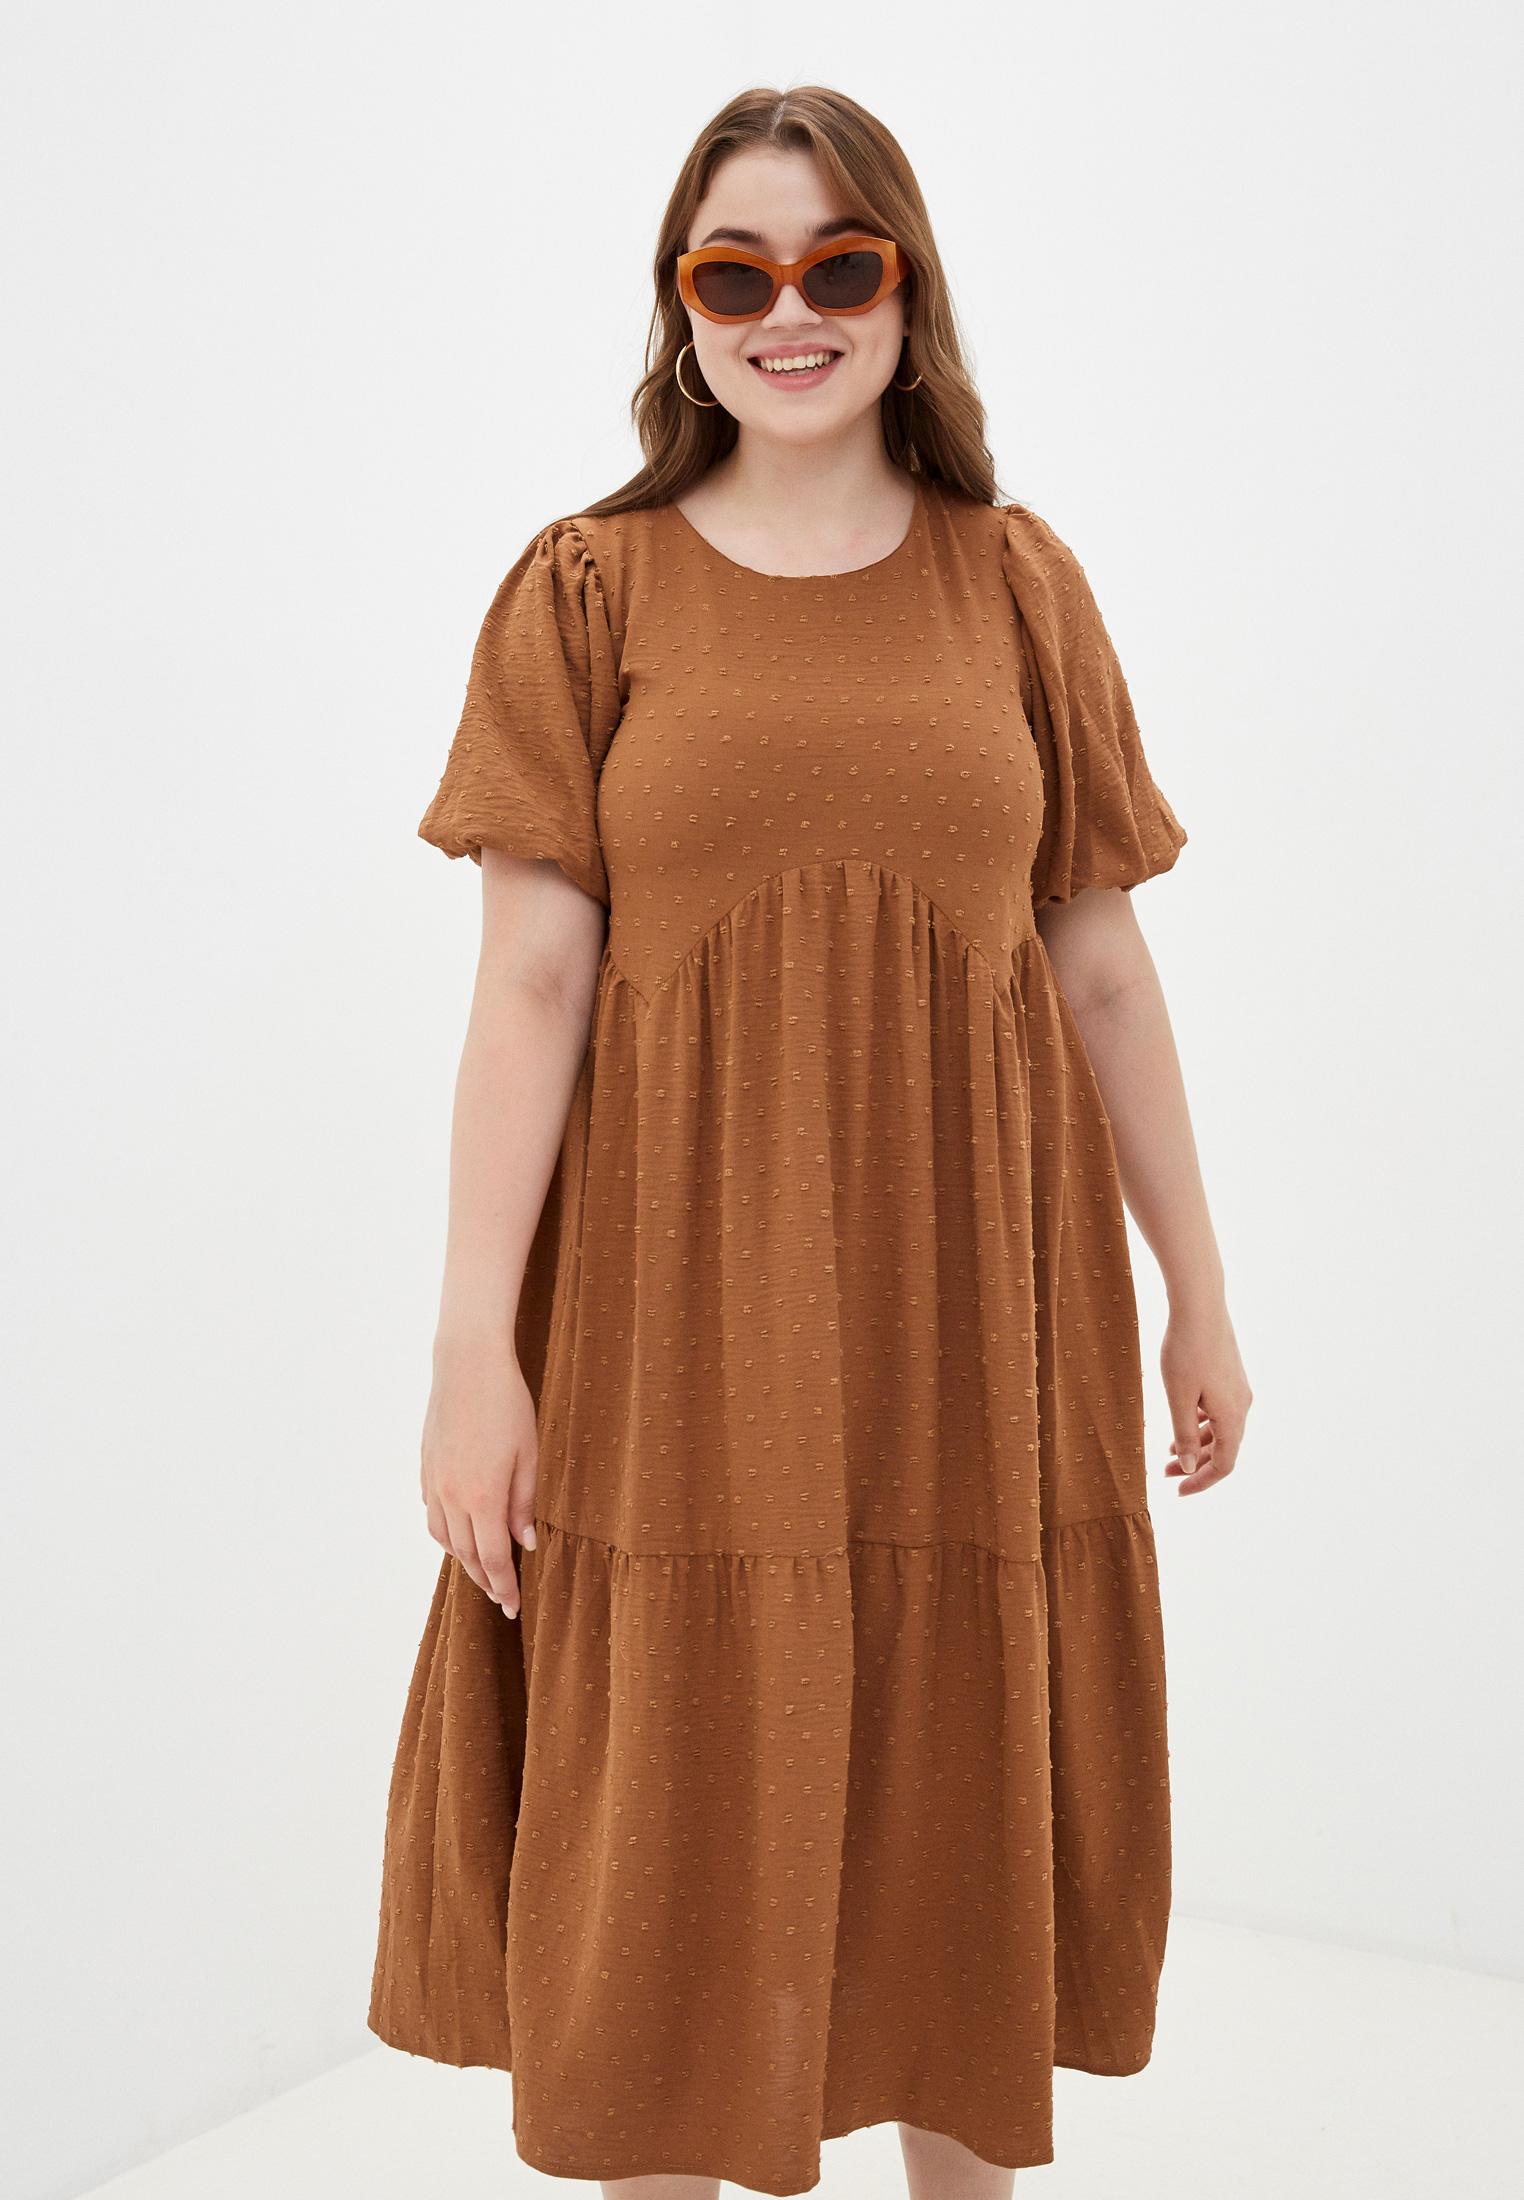 Повседневное платье Francesca Peretti Платье Francesca Peretti